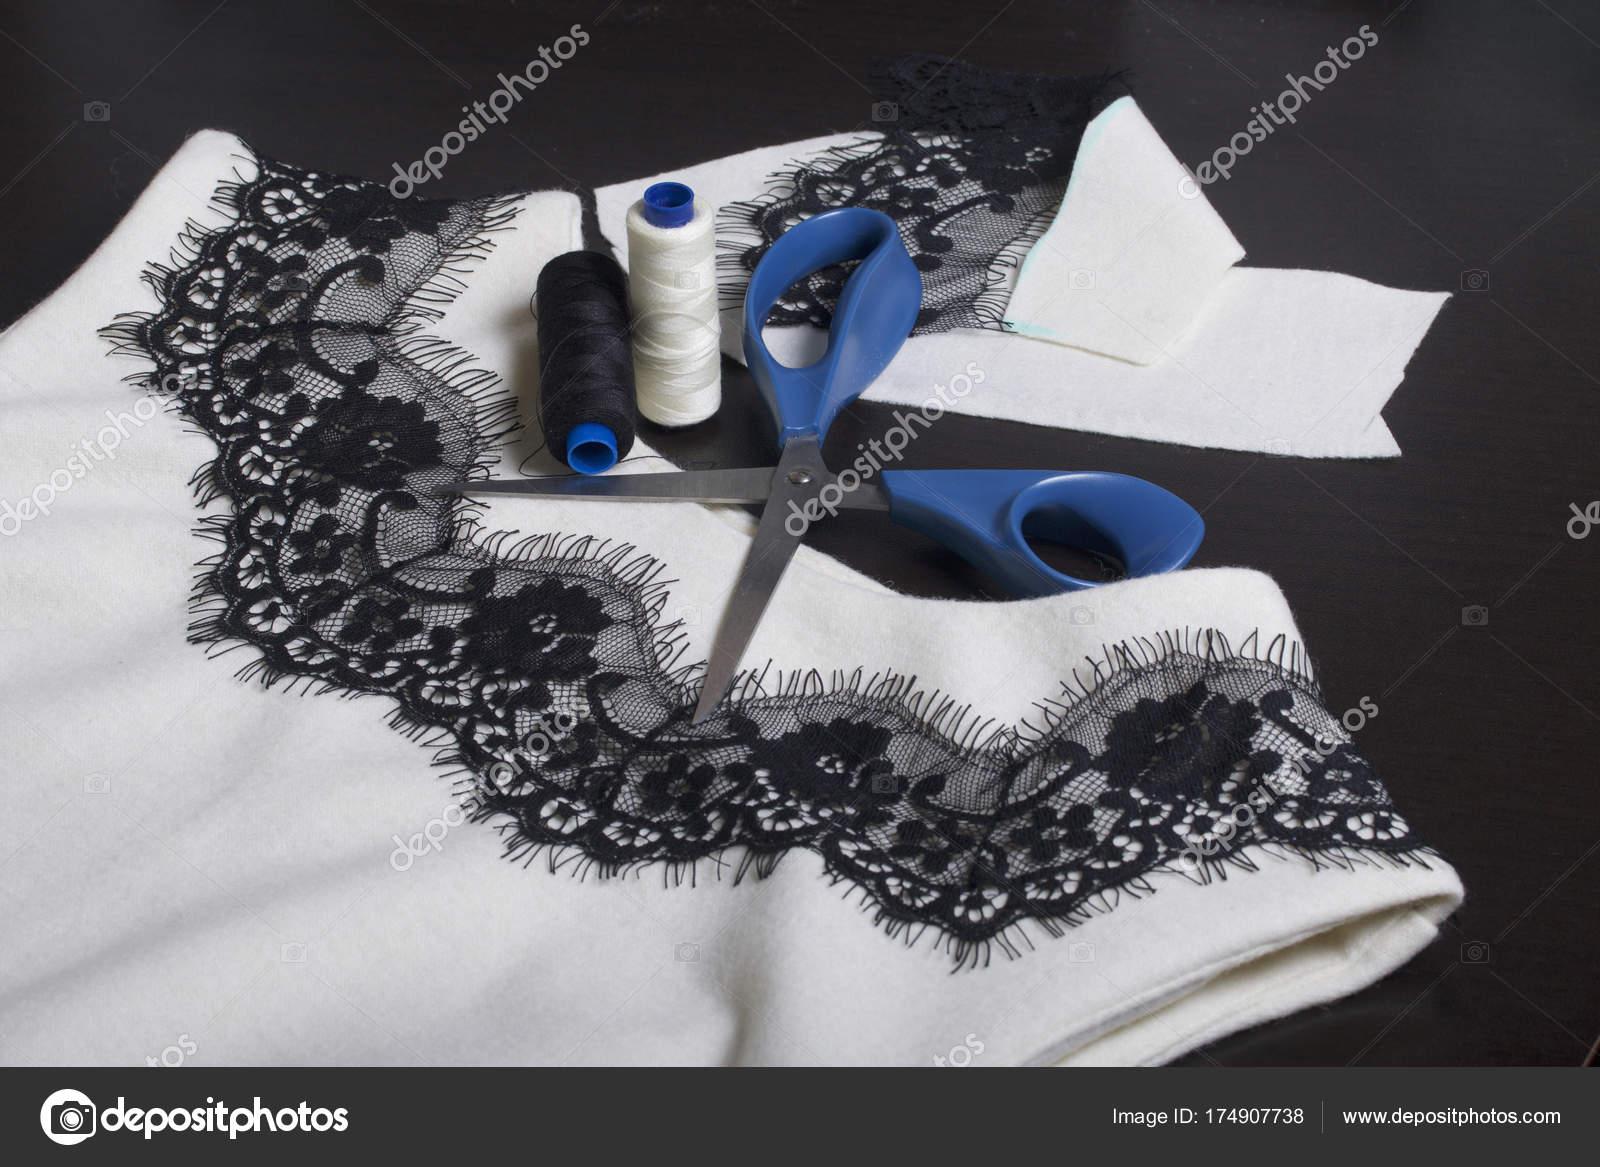 Ist Kleid Ein Weißes Nähen Dunklen Und DressingAuf Oberfläche Der lFK1cTJ